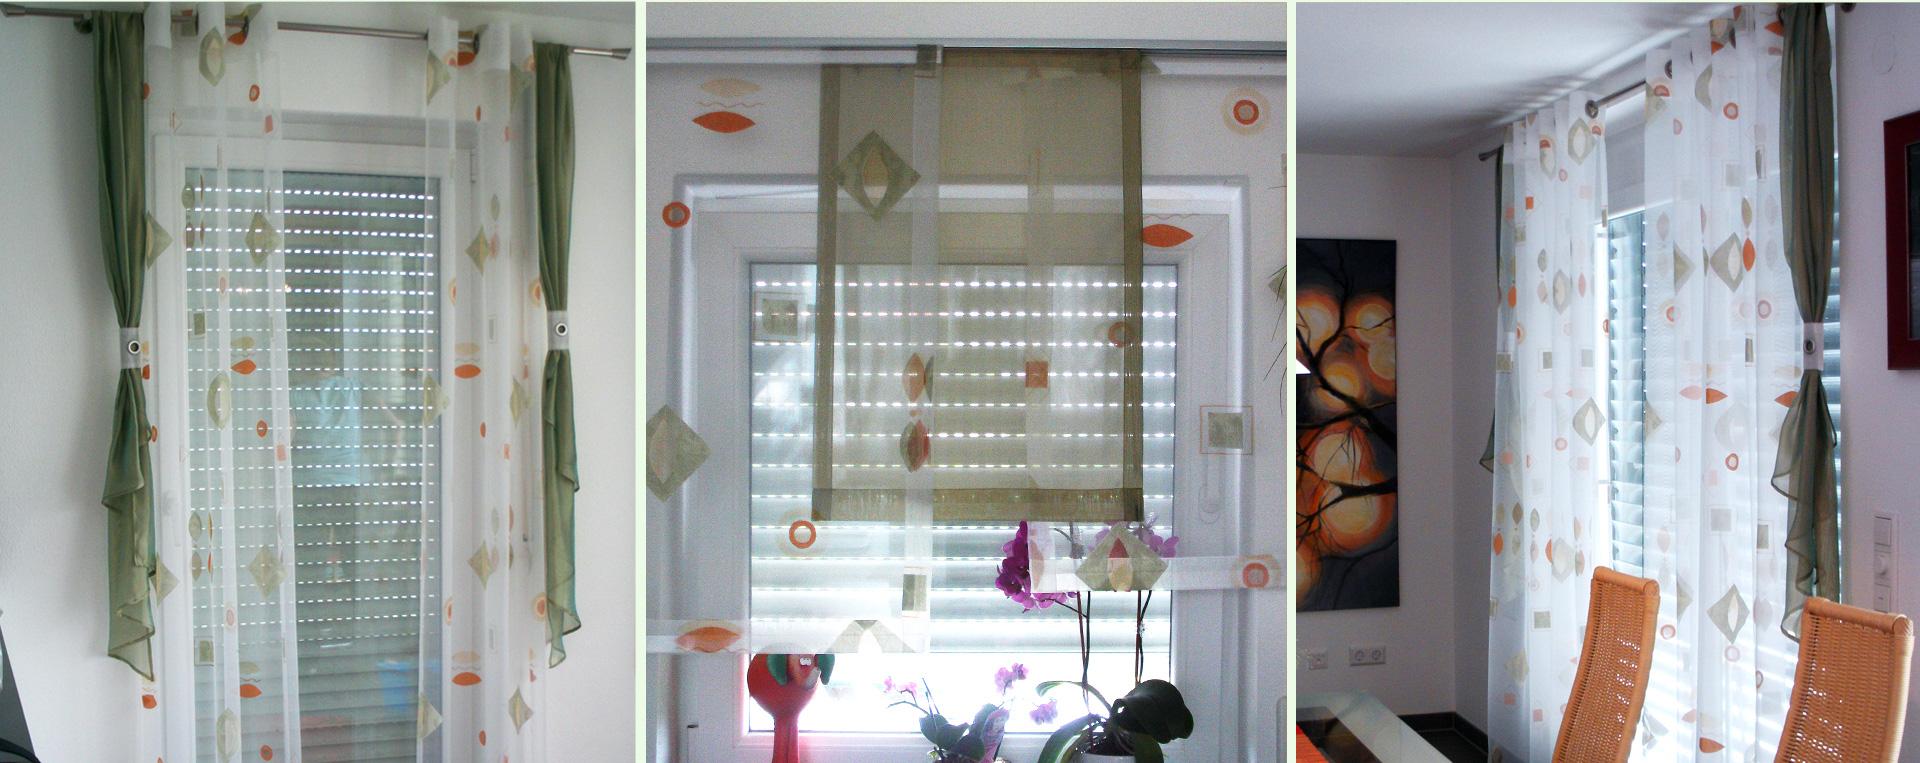 Full Size of Fensterdekoration Küche Olga Gardinen Alles Rund Um Und Modulküche Ikea Inselküche Abverkauf Einbauküche Ohne Kühlschrank Landhaus Waschbecken Wohnzimmer Fensterdekoration Küche